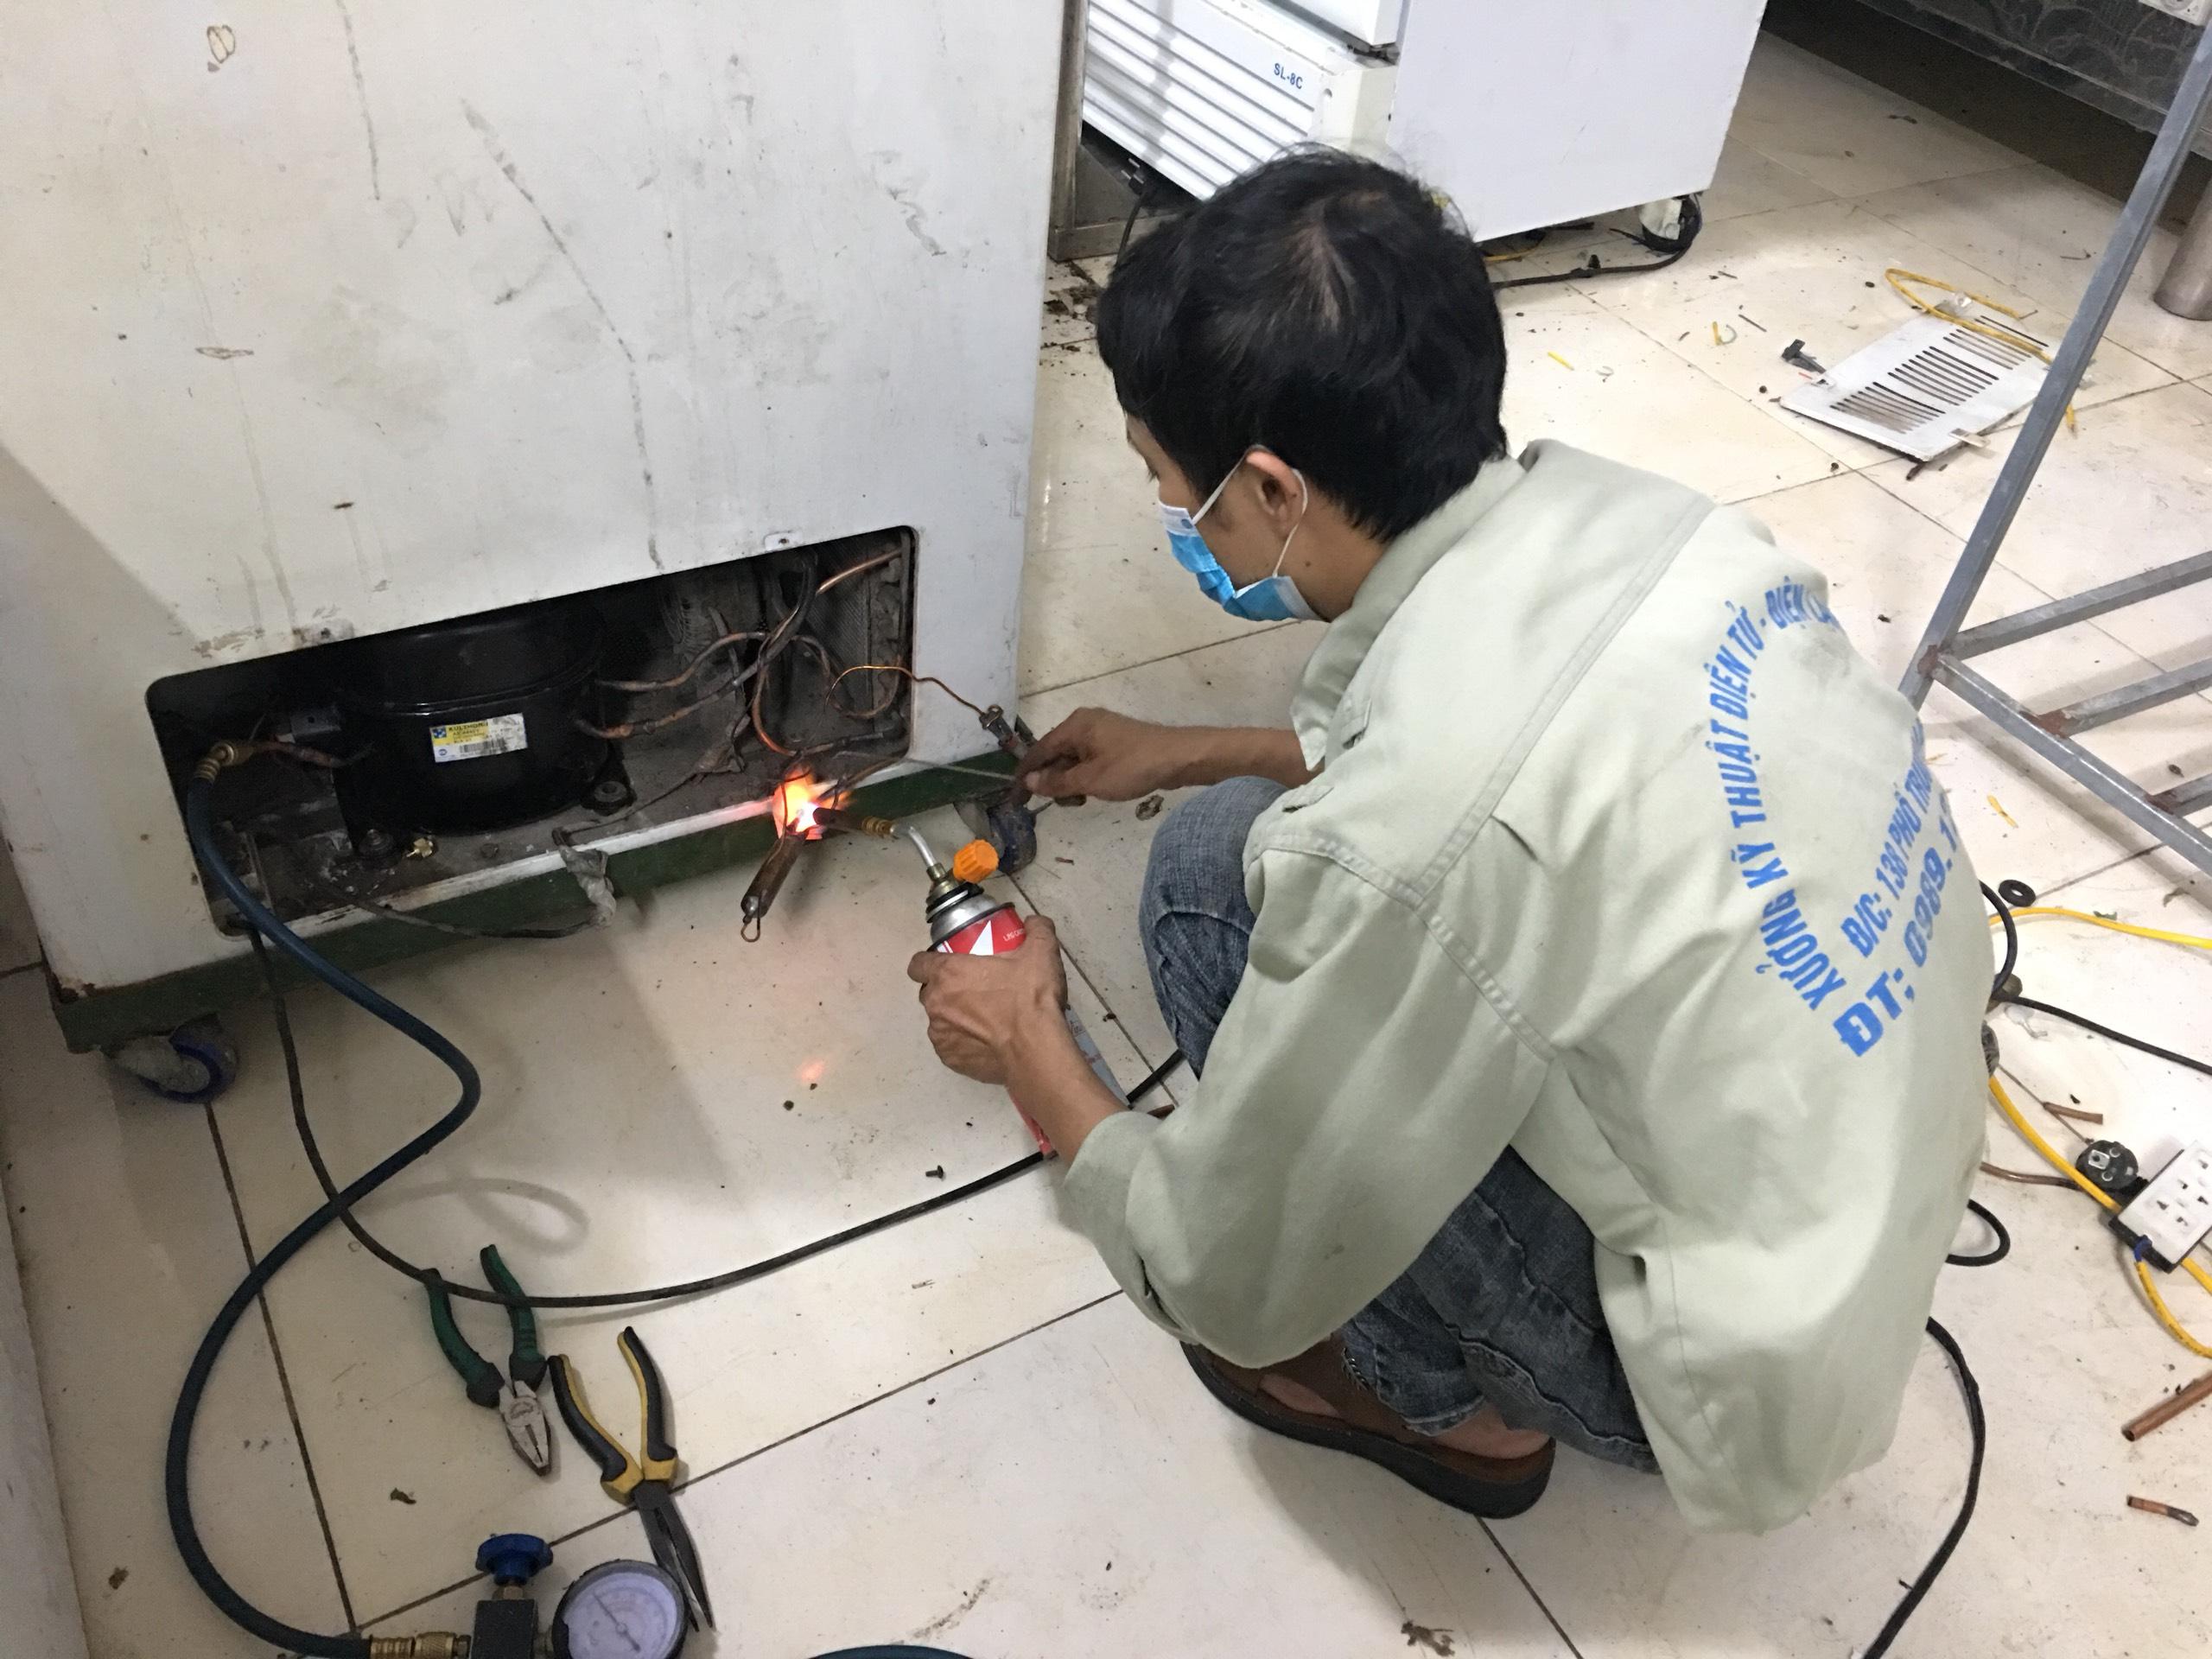 Trung tâm sửa chữa tủ lạnh Samsung tại Hà Nội uy tín, chất lượng